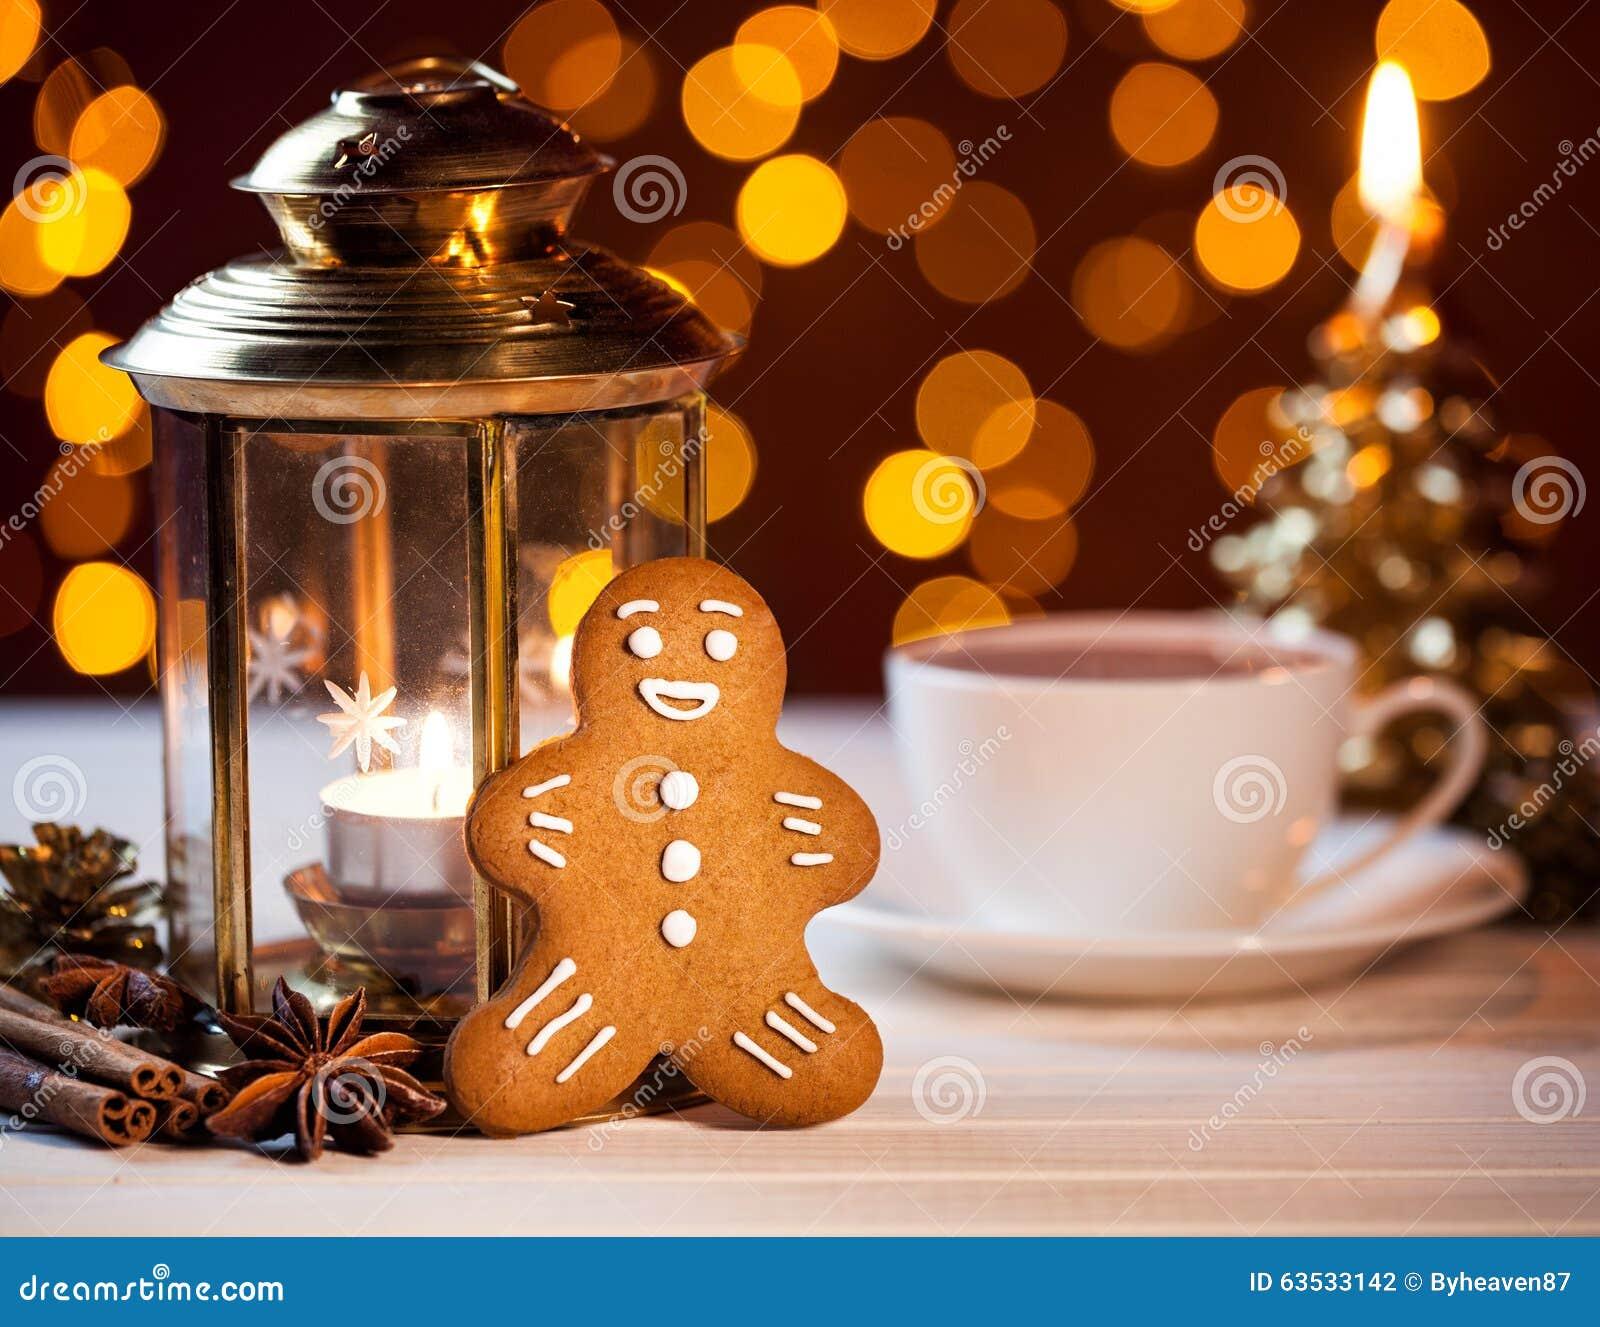 lebkuchen und tasse kaffee auf weihnachten stockfoto. Black Bedroom Furniture Sets. Home Design Ideas